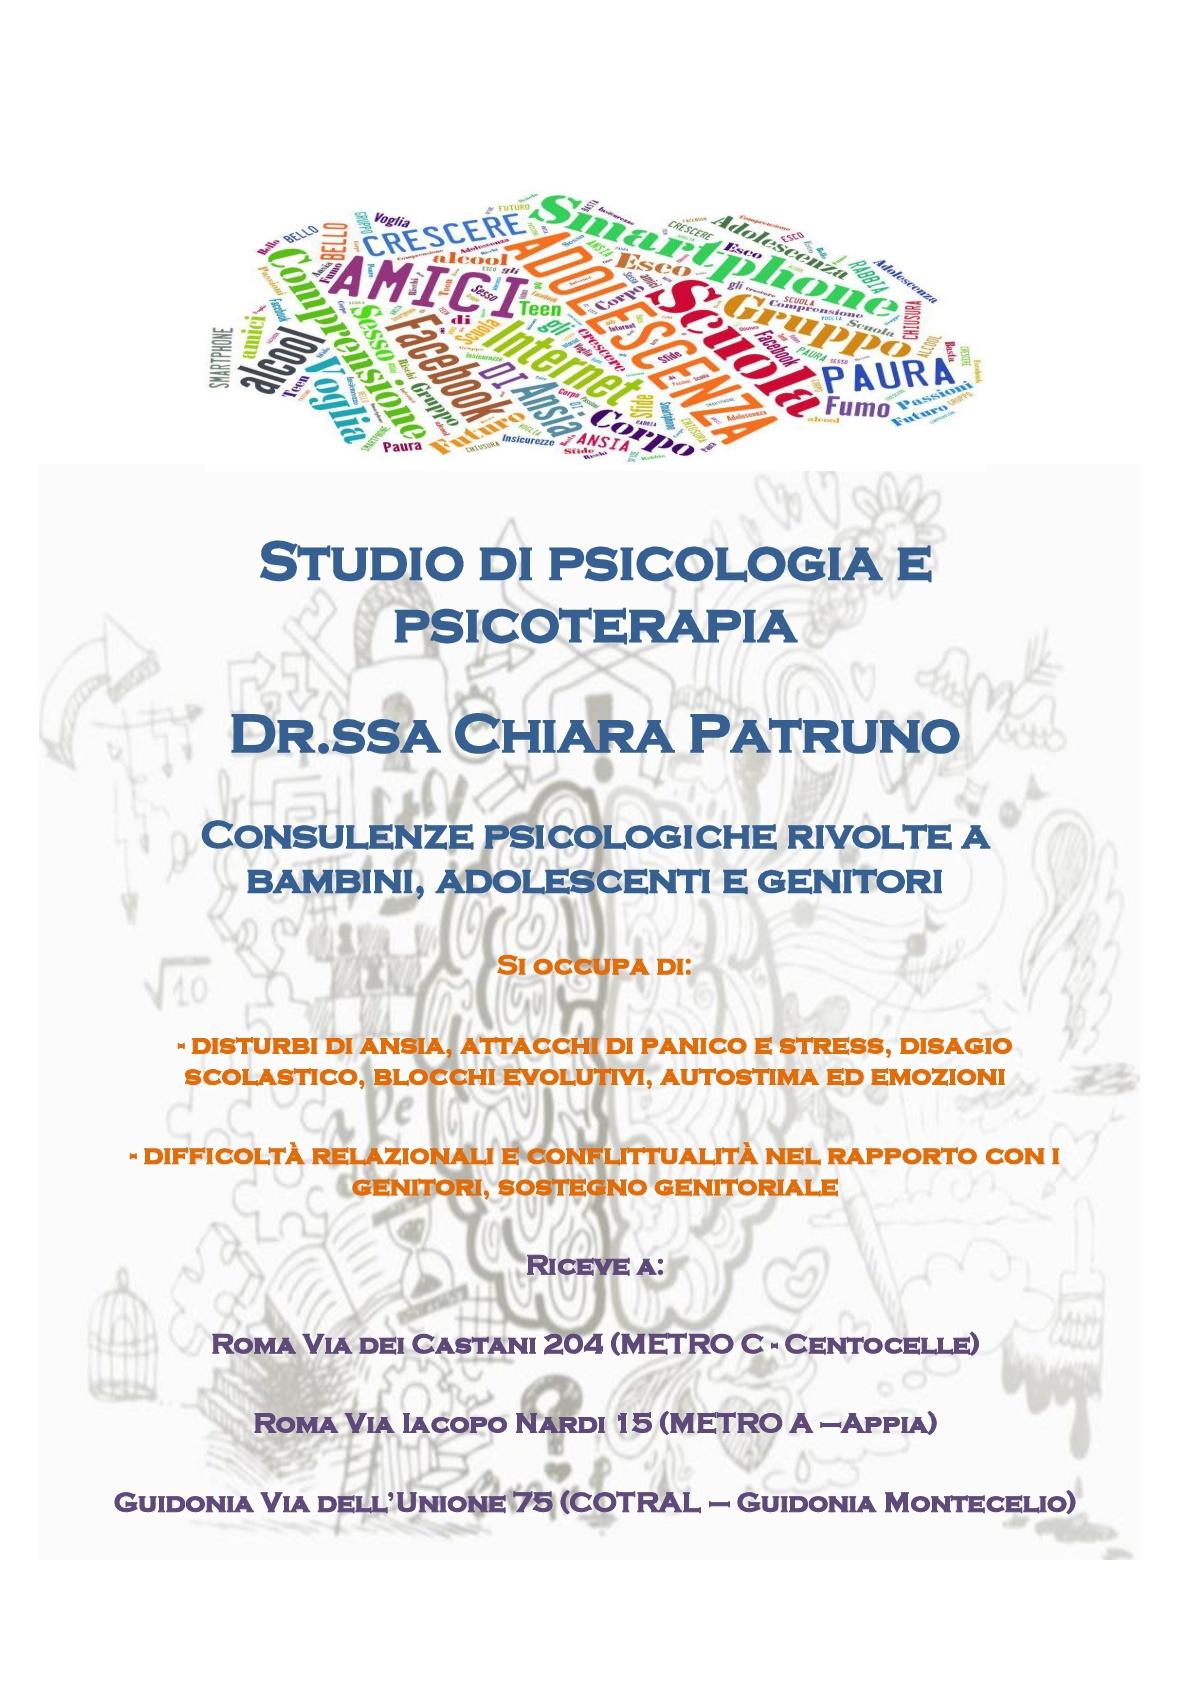 Studio di psicologia e psicoterapia